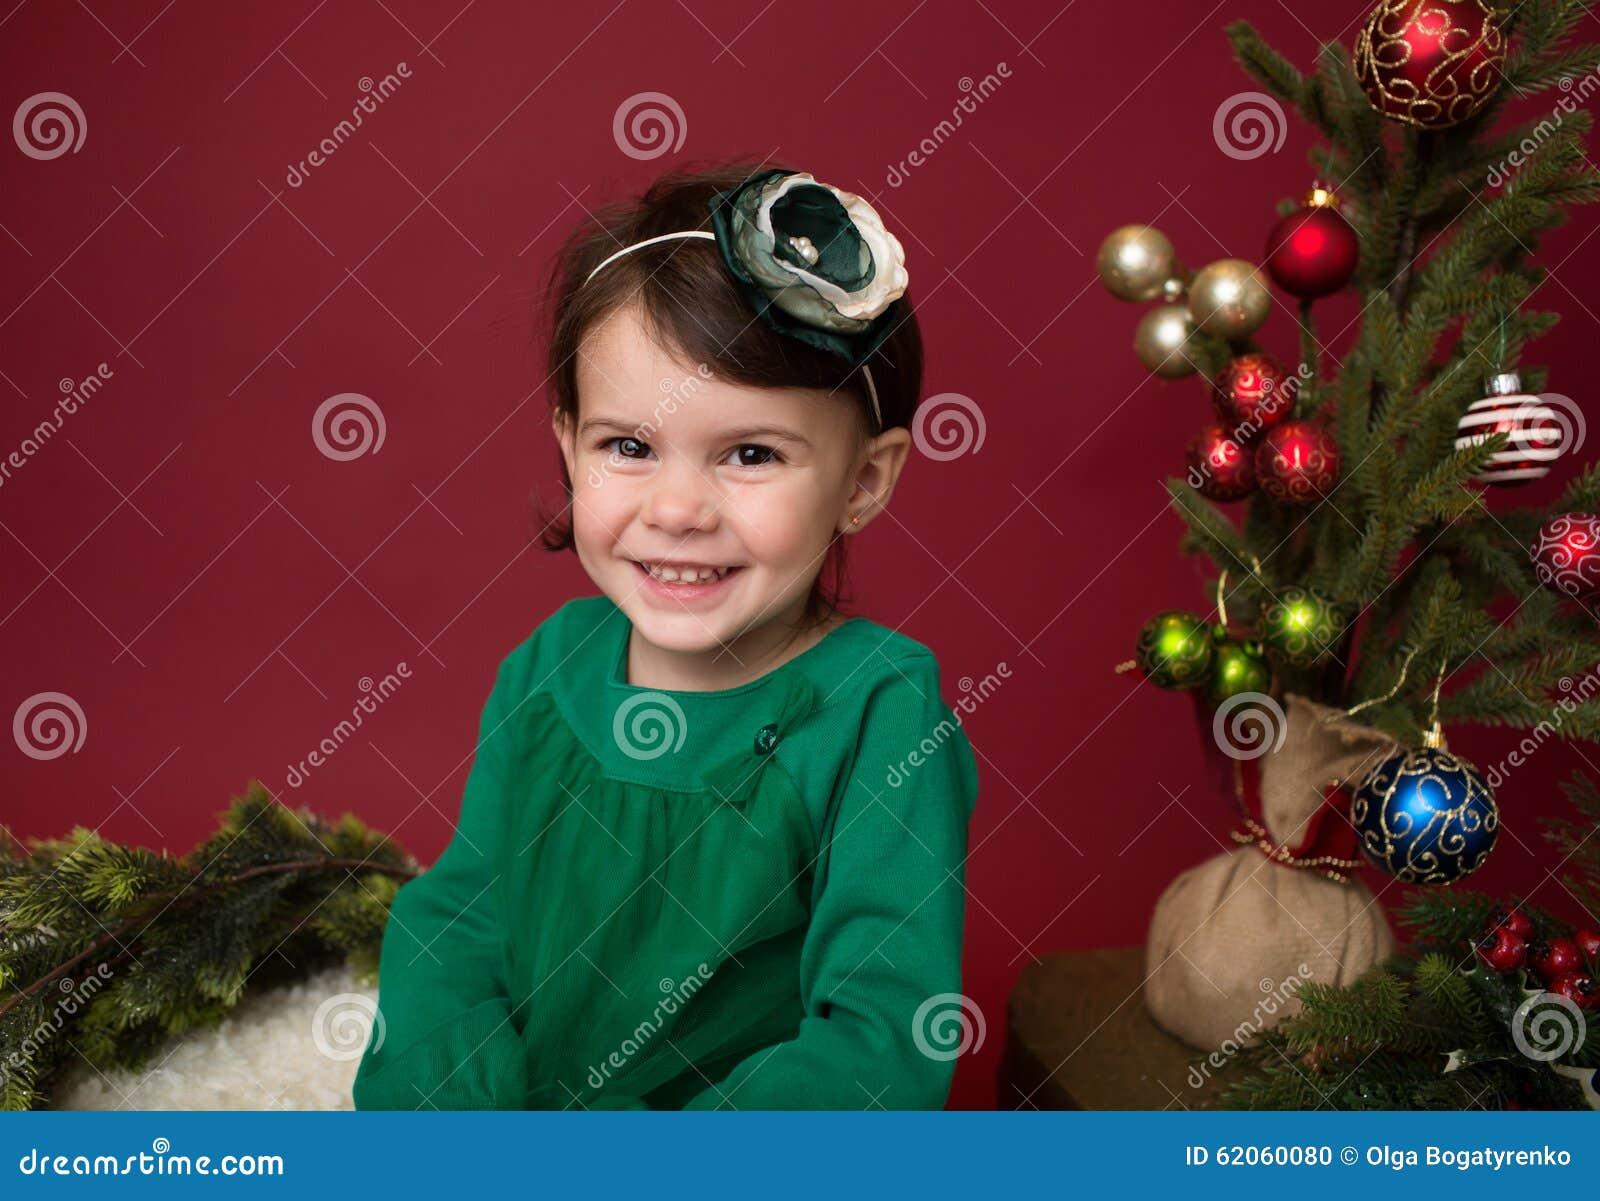 Παιδί Χριστουγέννων στο έλκηθρο ενάντια στο χριστουγεννιάτικο δέντρο με τις διακοσμήσεις